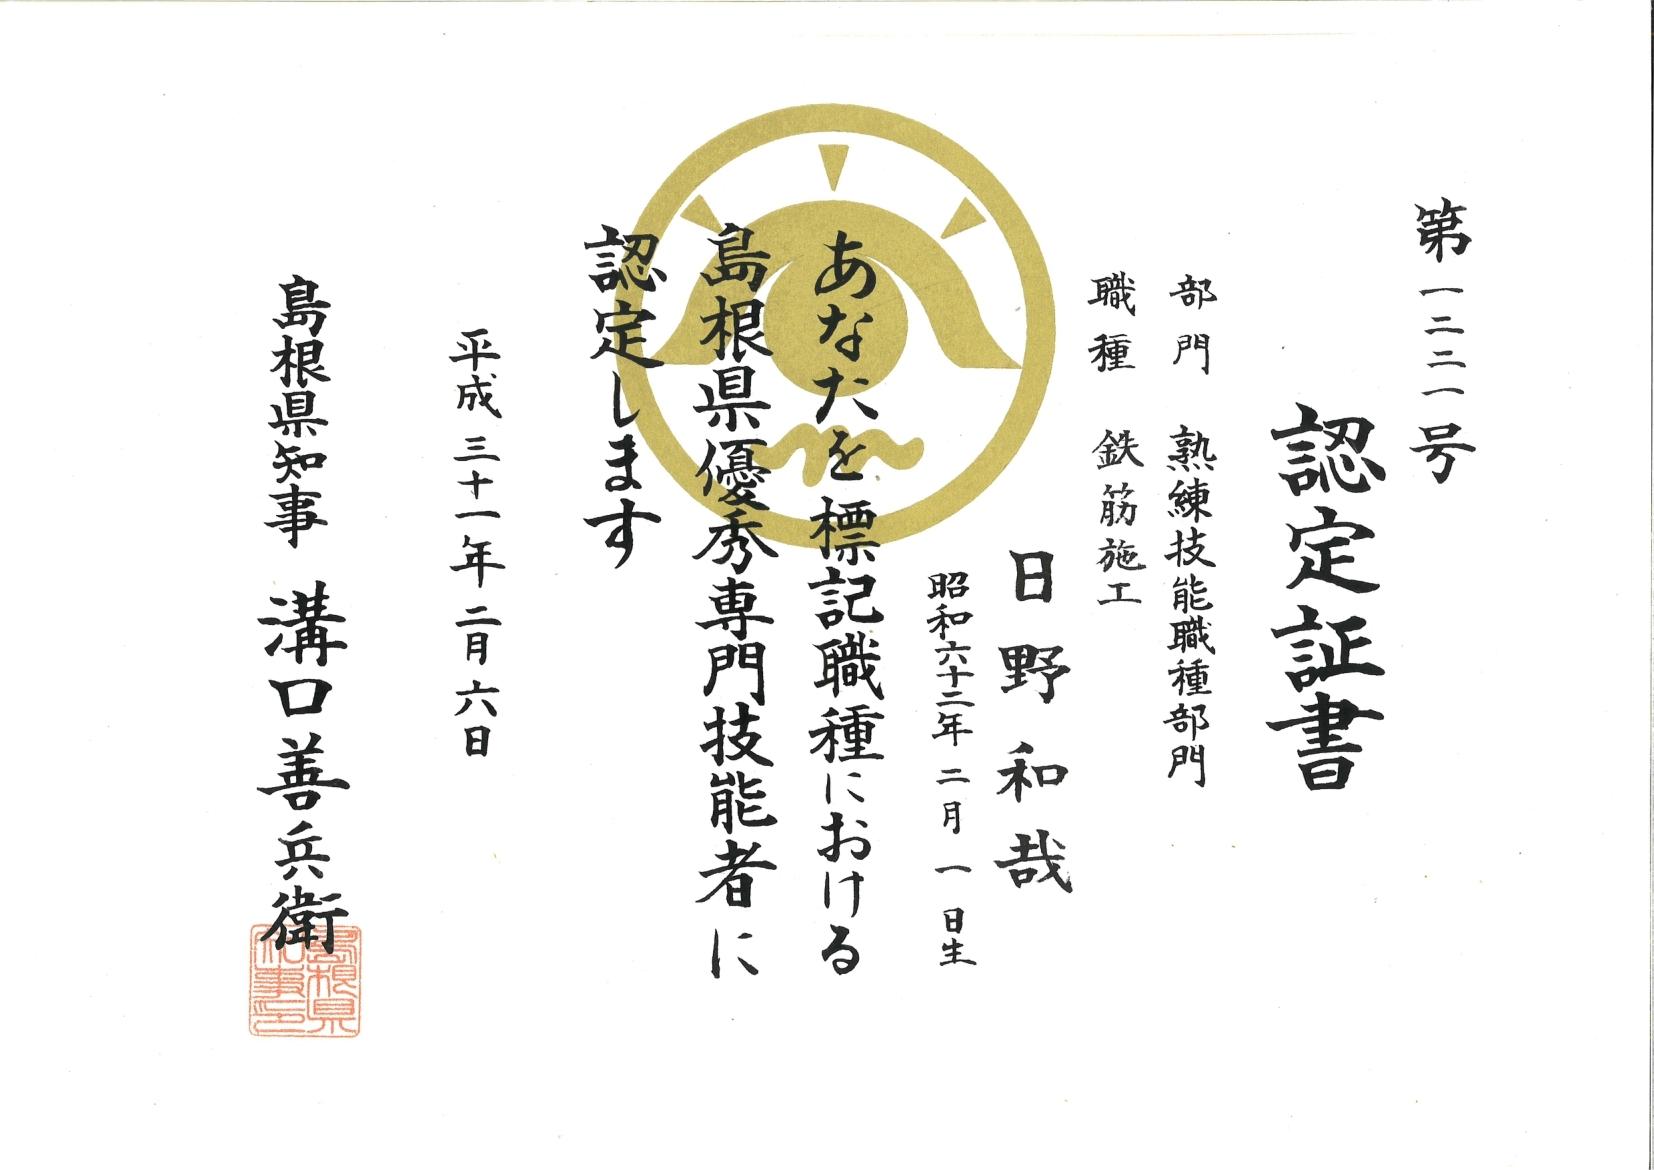 島根県知事表彰をいただきました!_b0254686_09461084.jpg